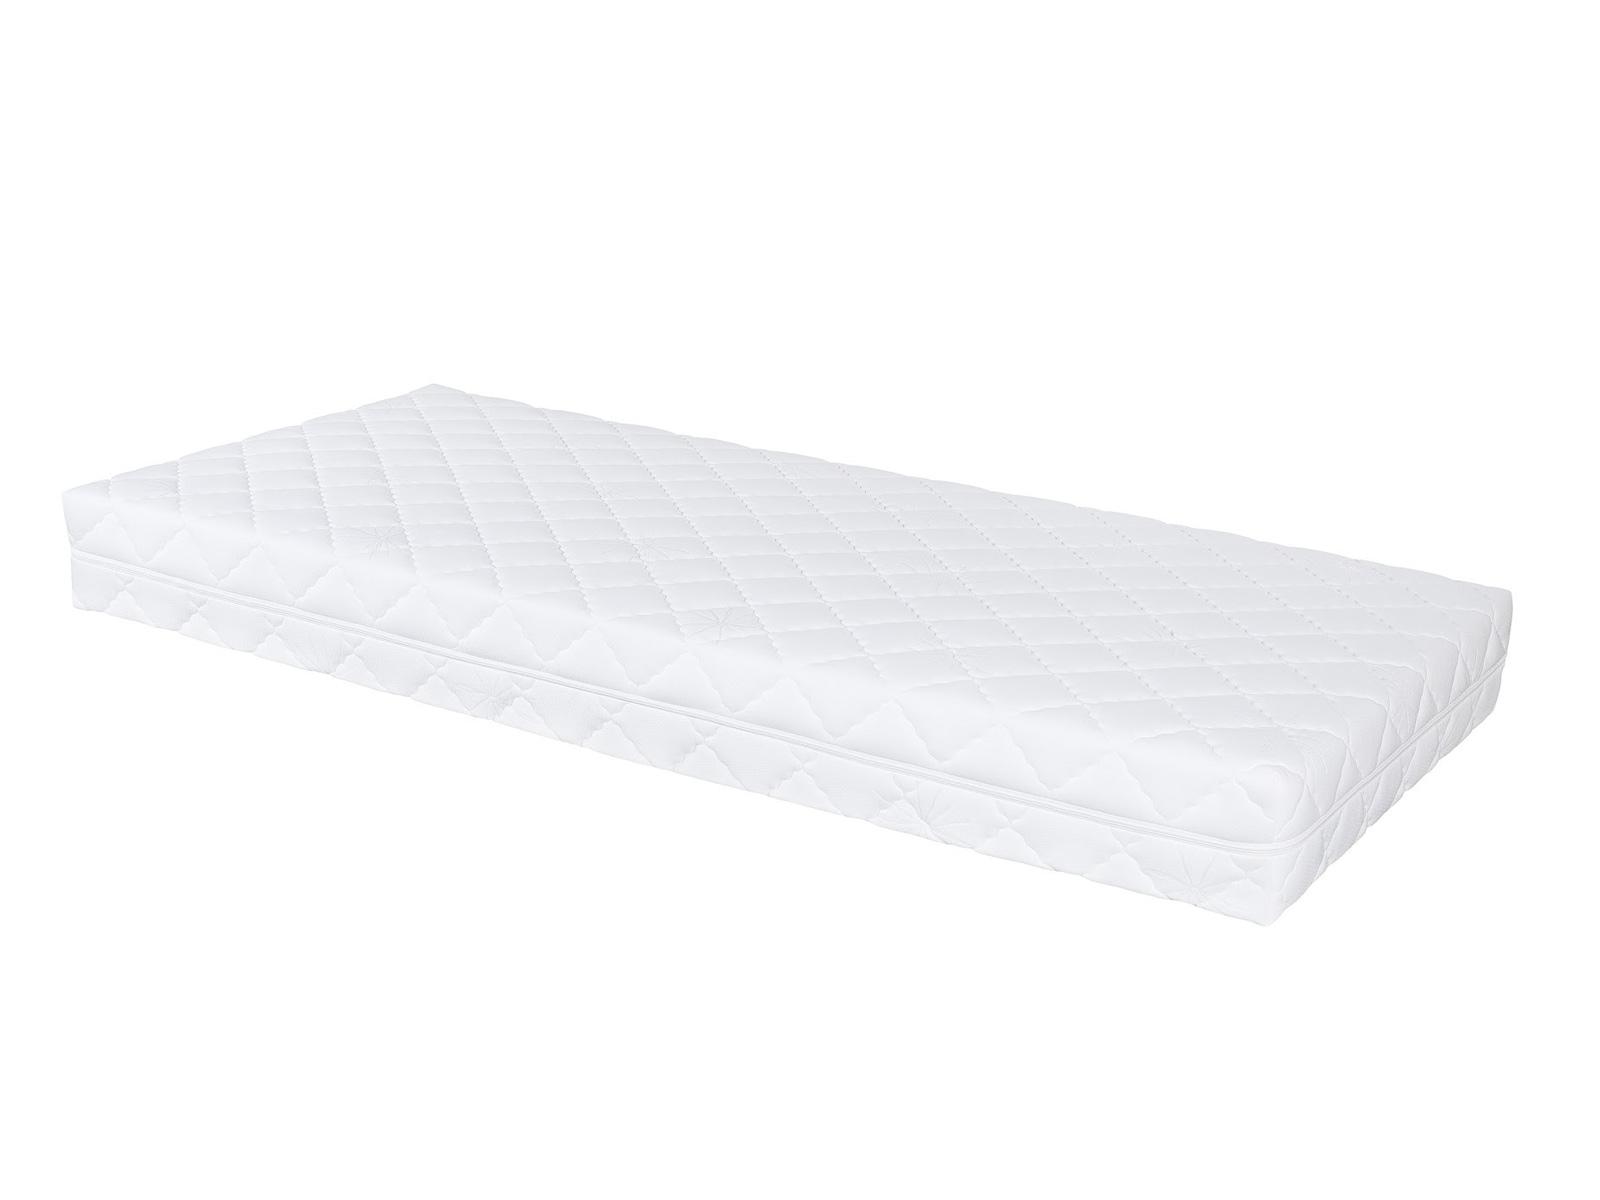 7 zonen taschenfederkernmatratze intermed pocket 180x200 cm h3 schlafen matratzen. Black Bedroom Furniture Sets. Home Design Ideas